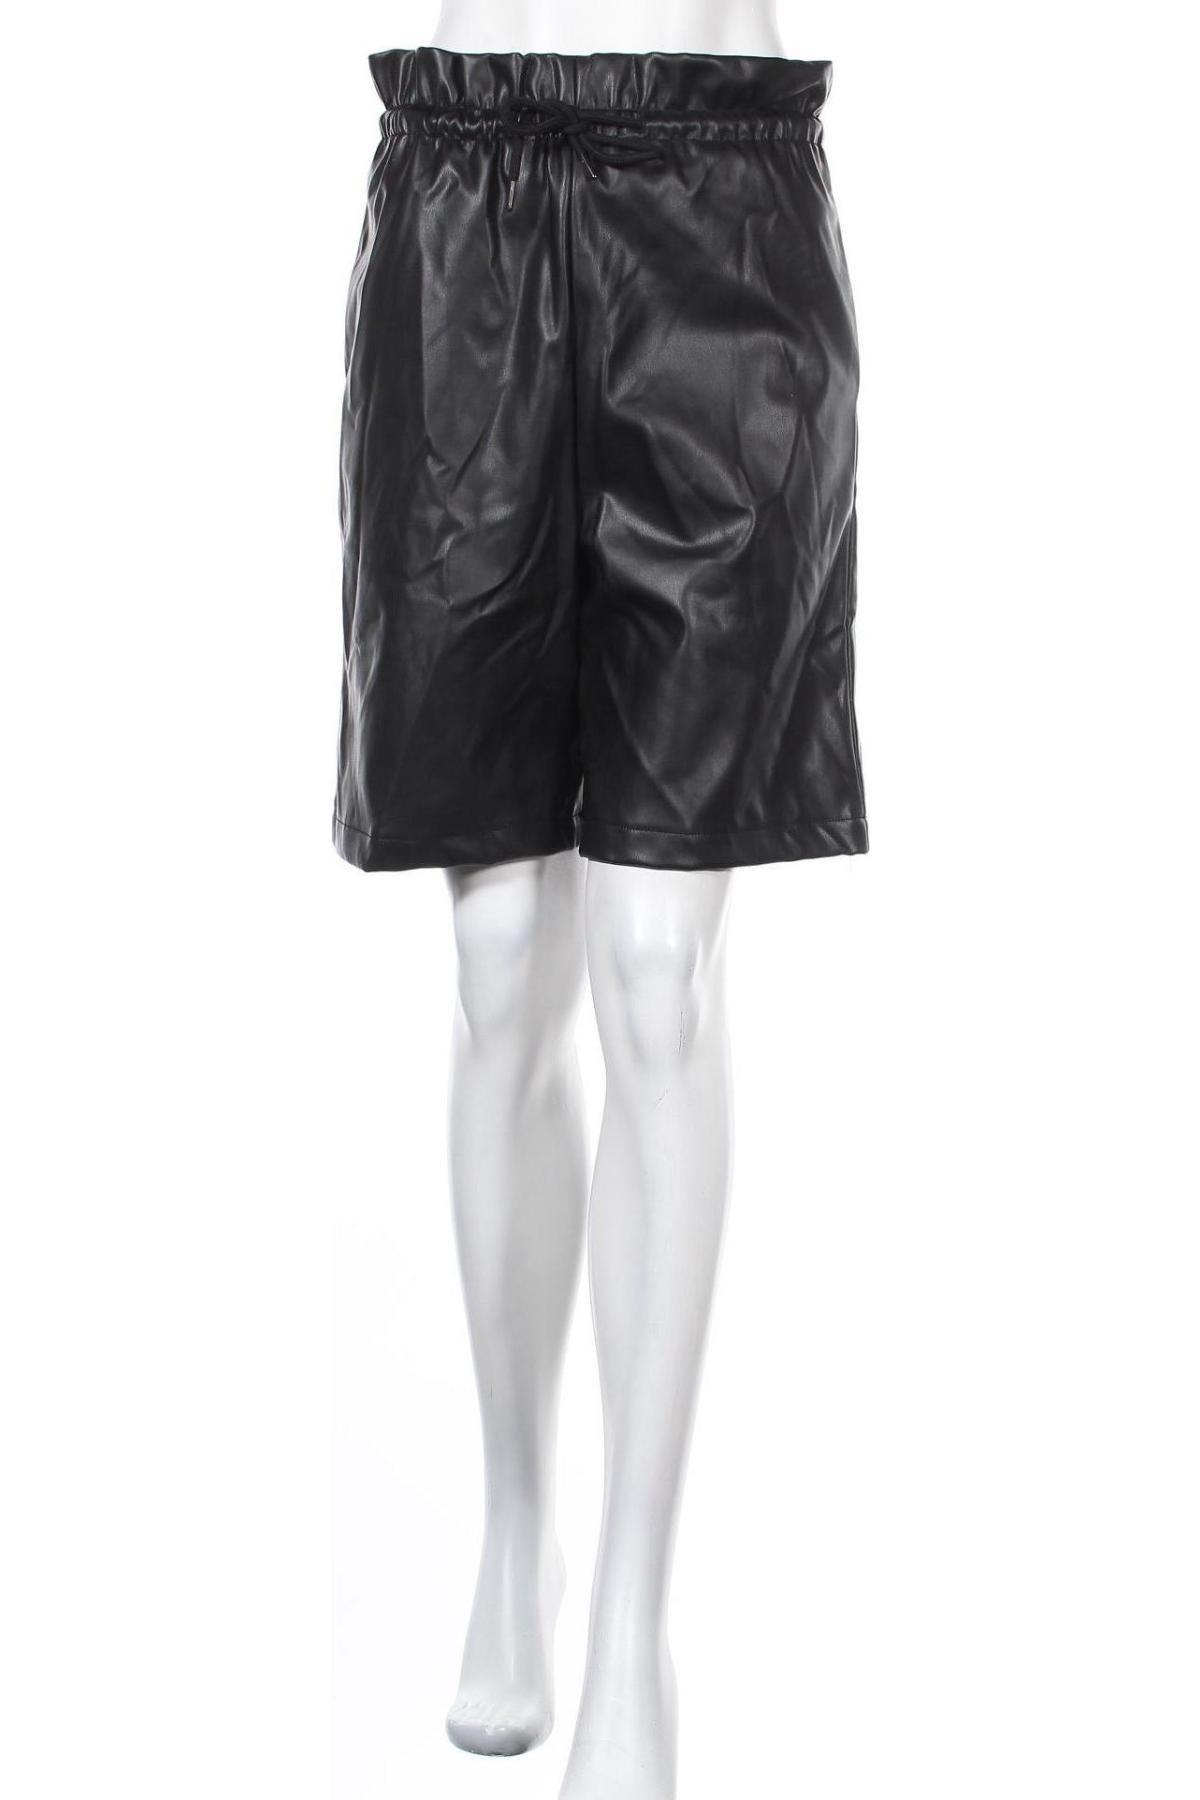 Γυναικείο κοντό δερμάτινο παντελόνι Vero Moda, Μέγεθος S, Χρώμα Μαύρο, Δερματίνη, Τιμή 7,07€